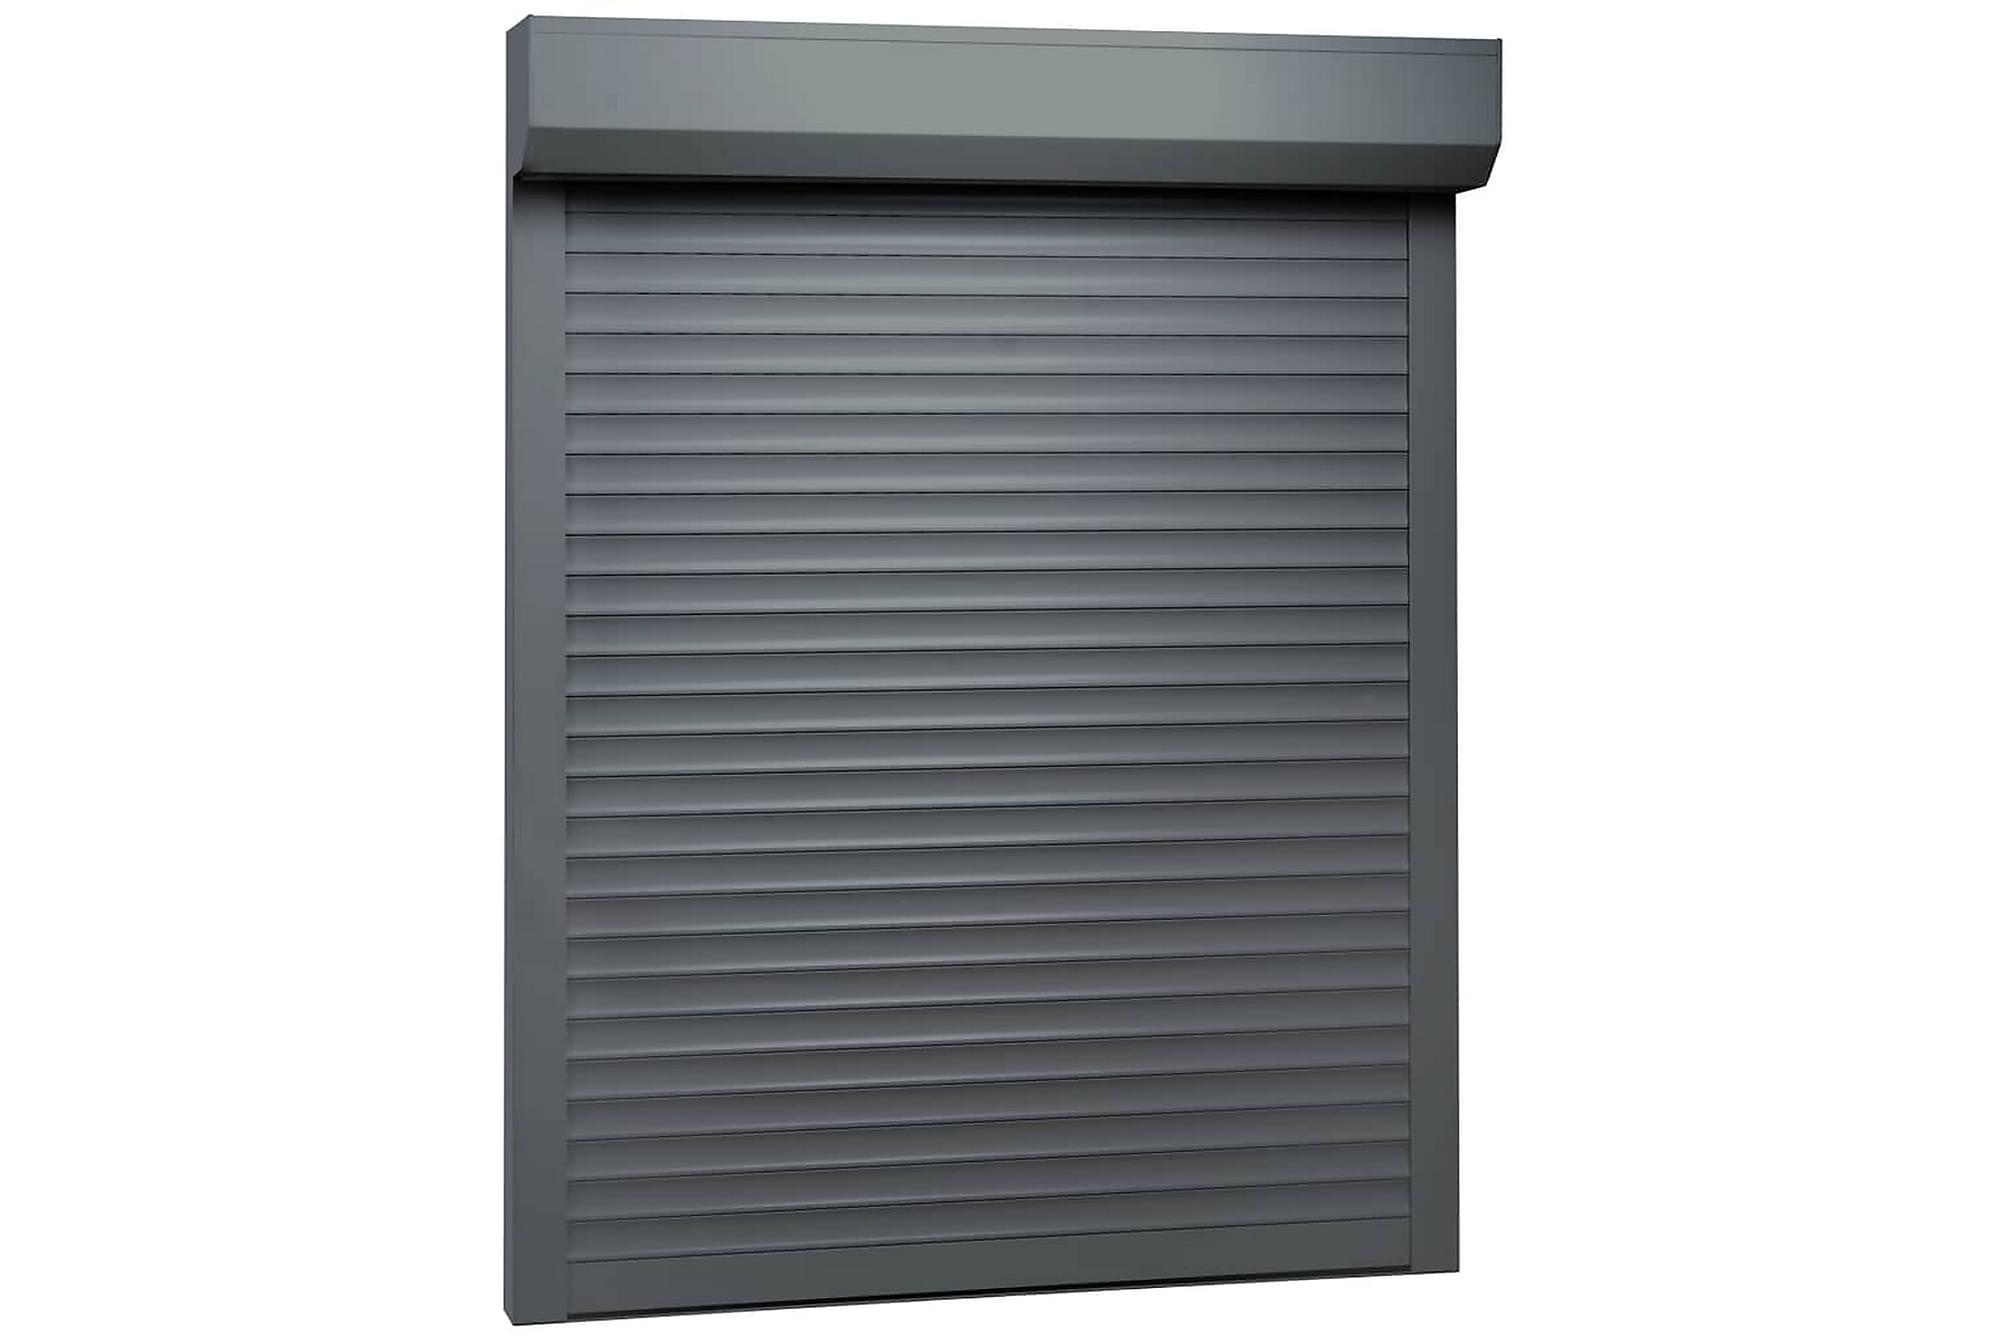 Rulljalusi aluminium 120×150 cm antracit